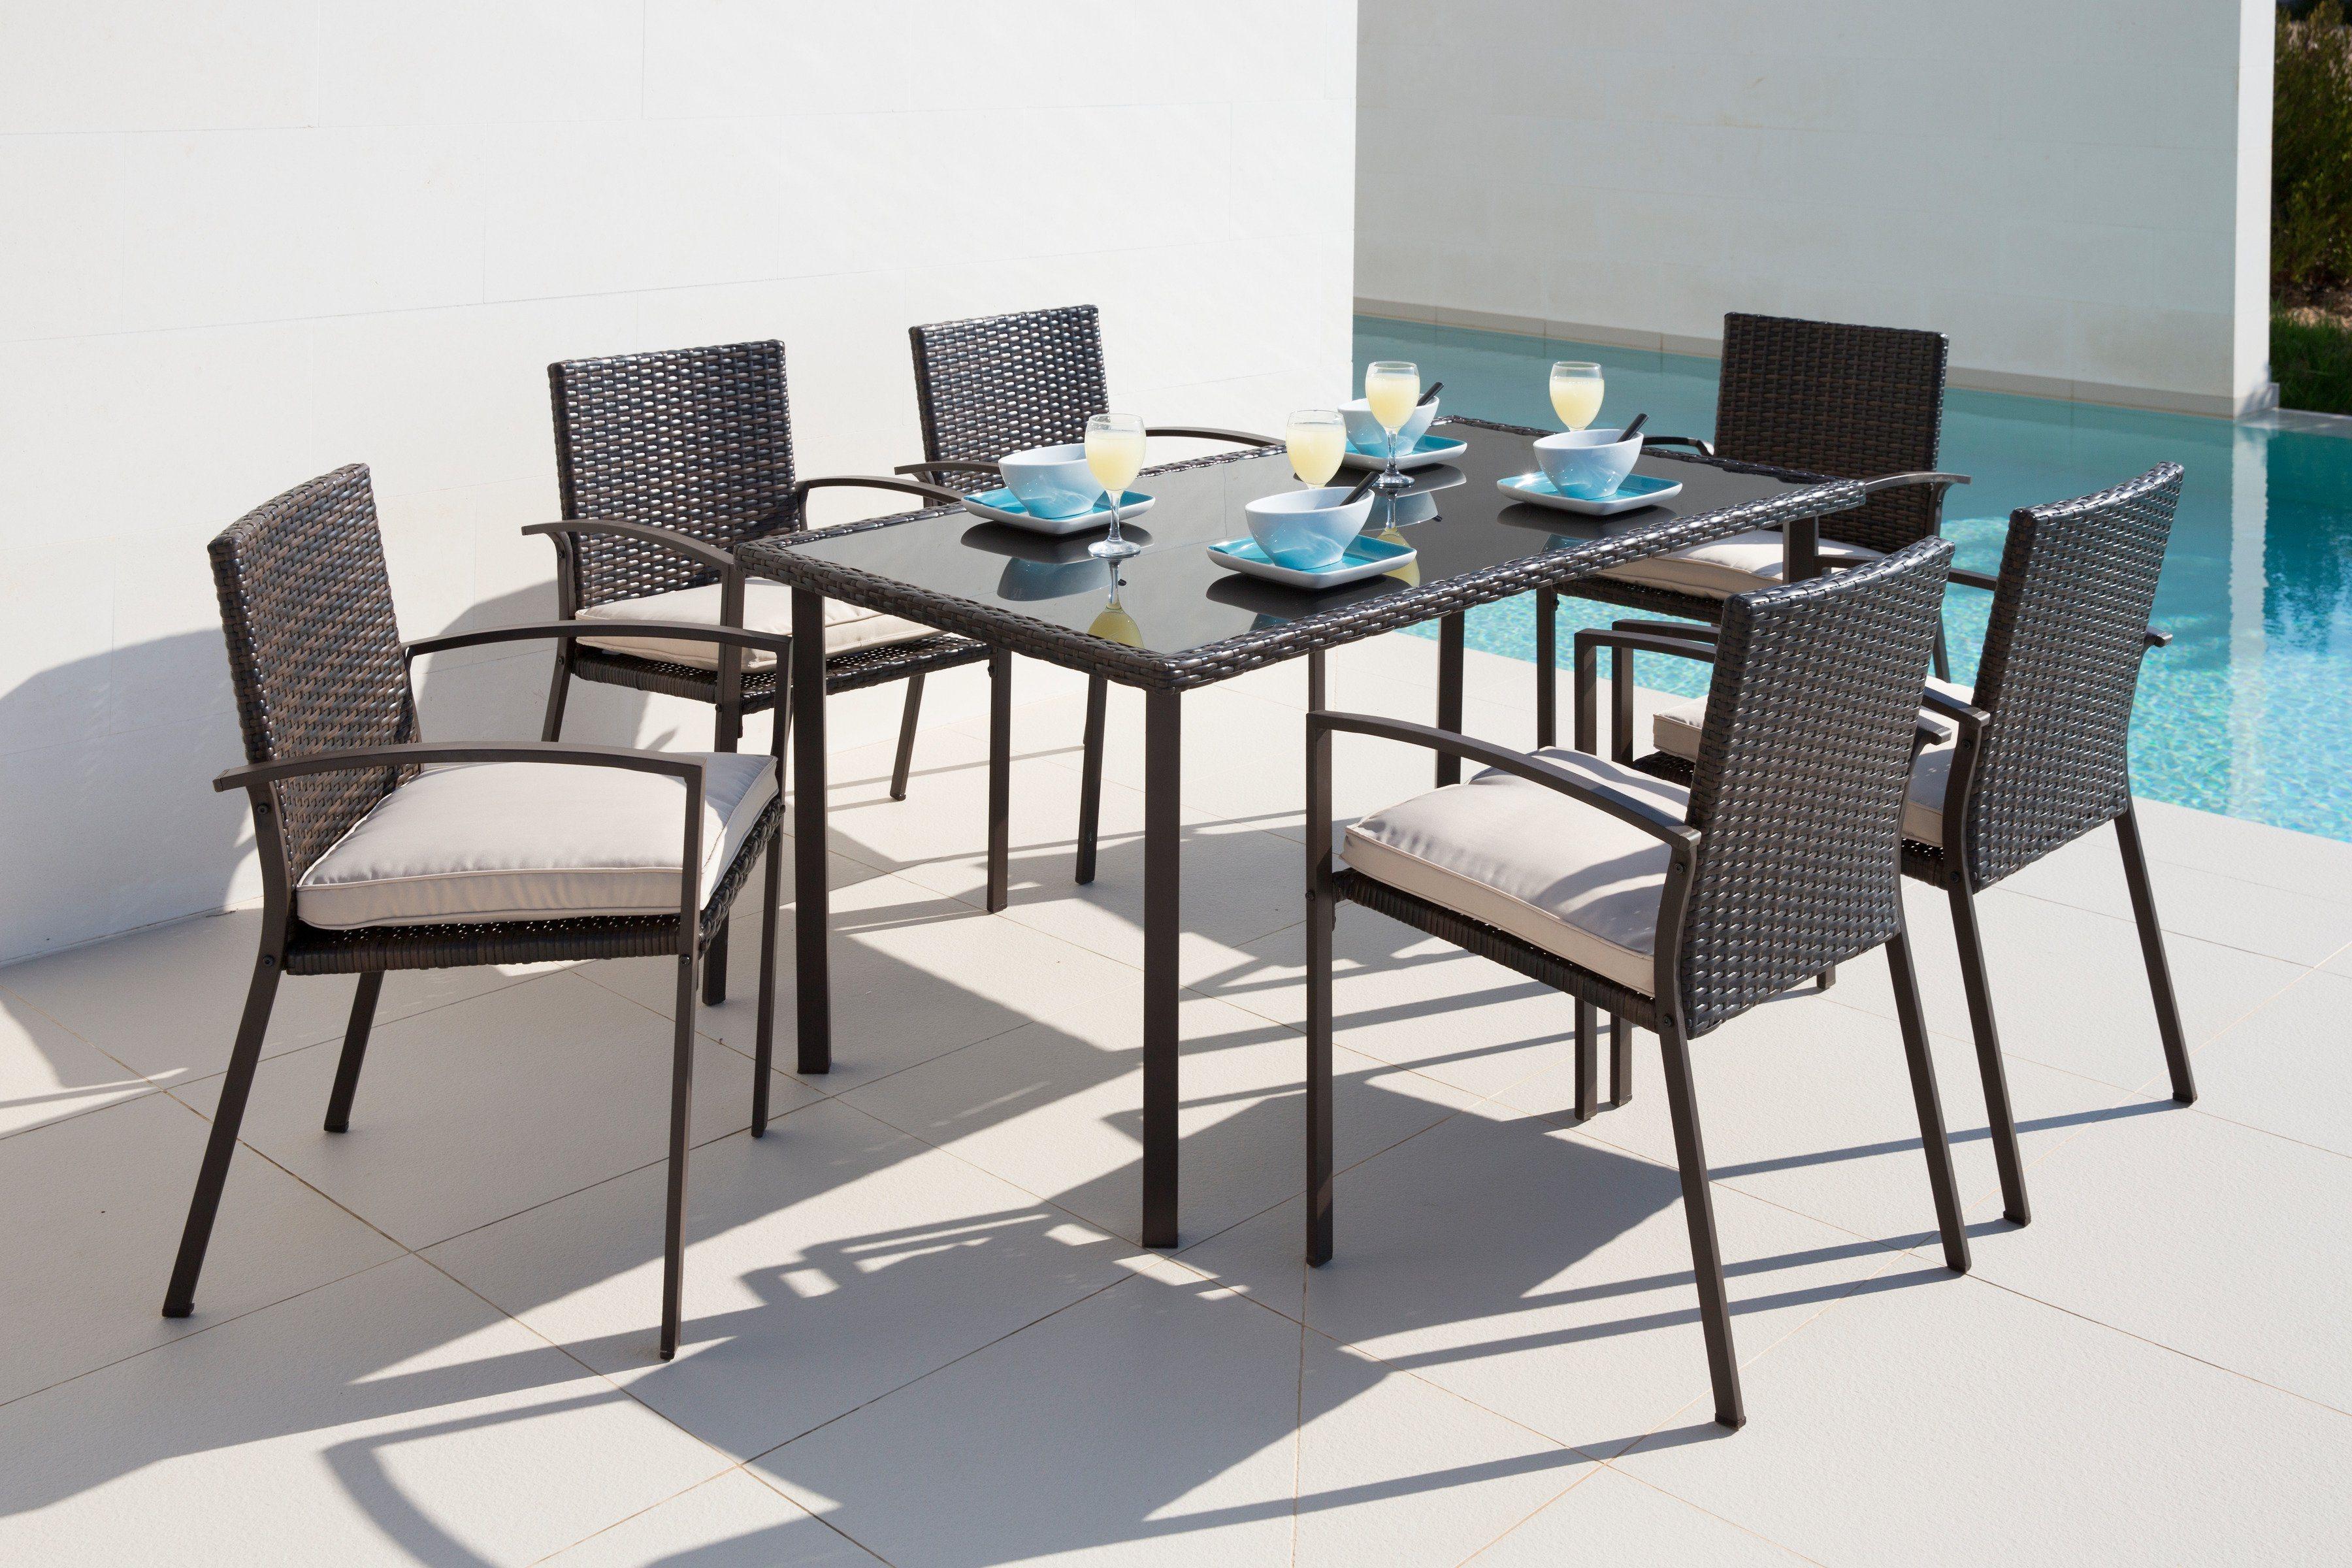 polyrattan sessel braun preisvergleich die besten. Black Bedroom Furniture Sets. Home Design Ideas